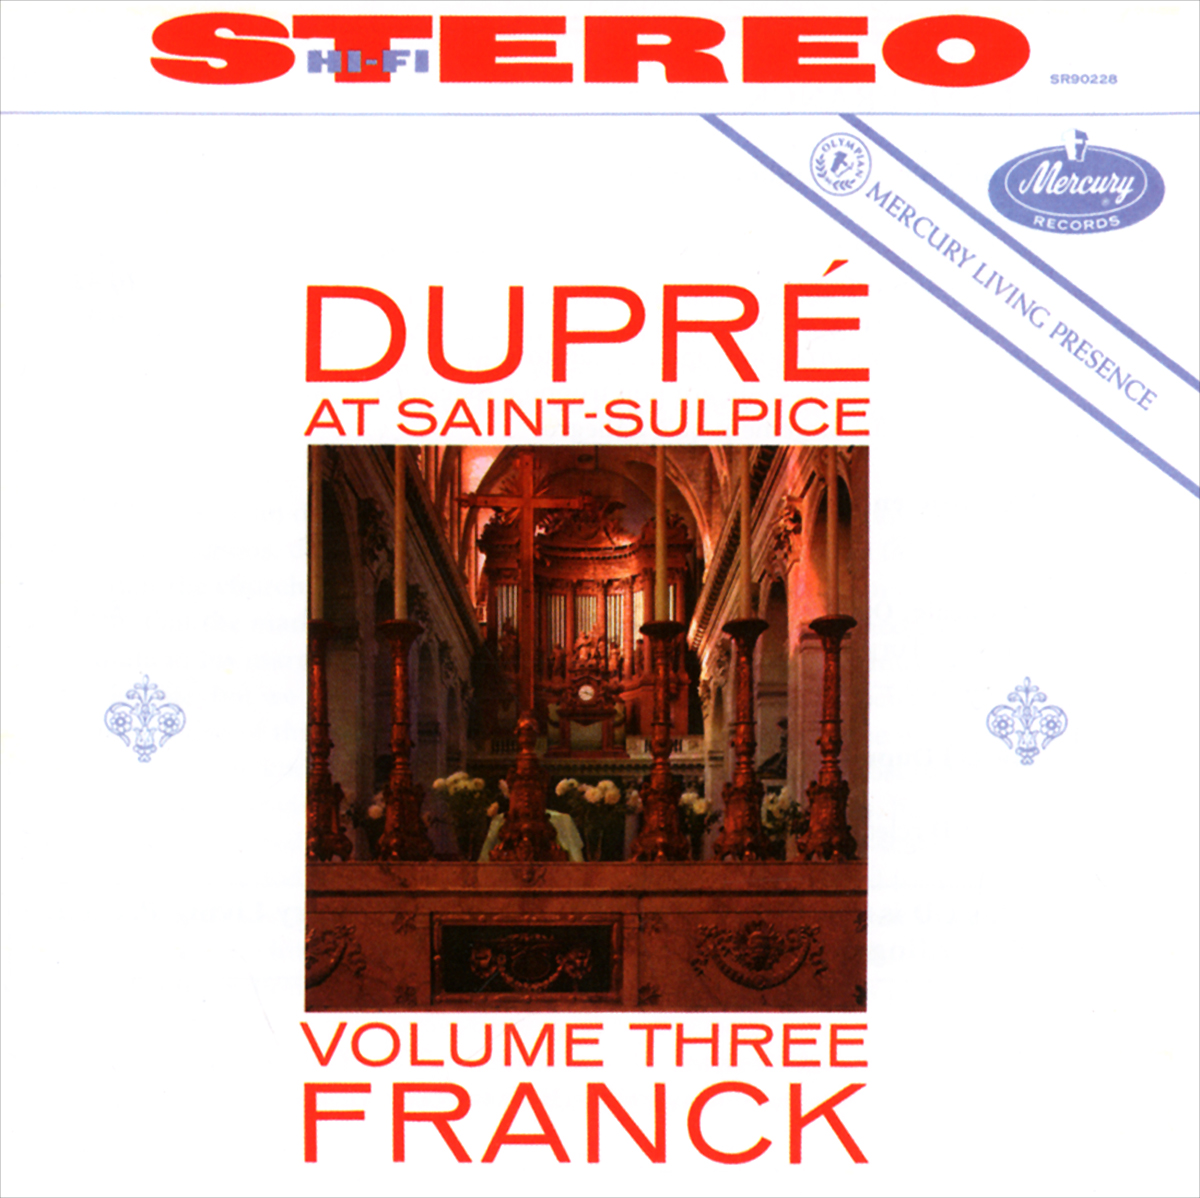 Марсель Дюпре Marcel Dupre. Franck. At Saint-Sulpice. Volume Three franck muller часы franck muller 6002 m qz r steel